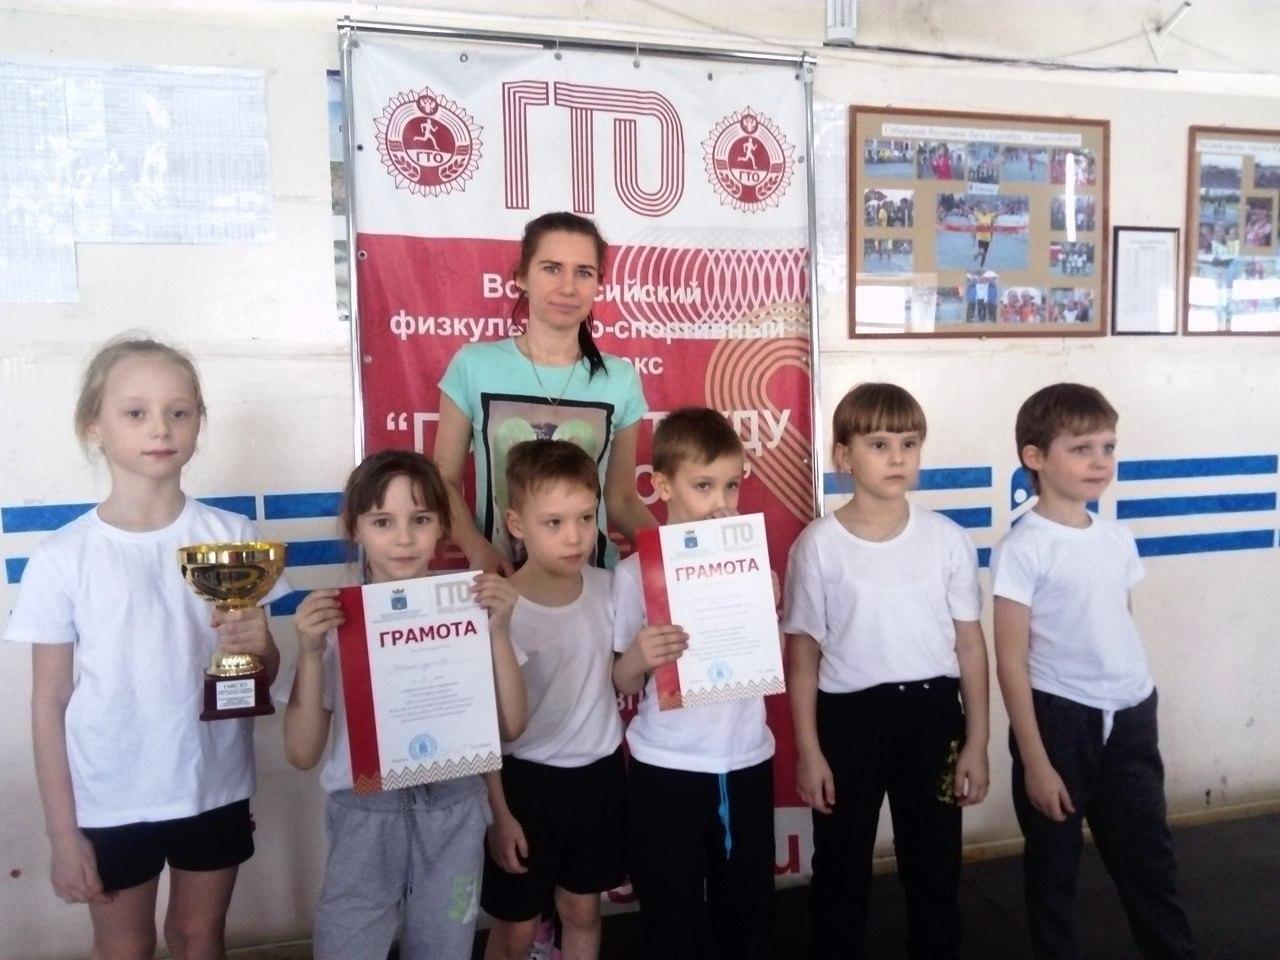 clhz0 VcVAQ - «Крошки ГТОшки!» С целью повышения интереса дошкольников к занятиям спортом